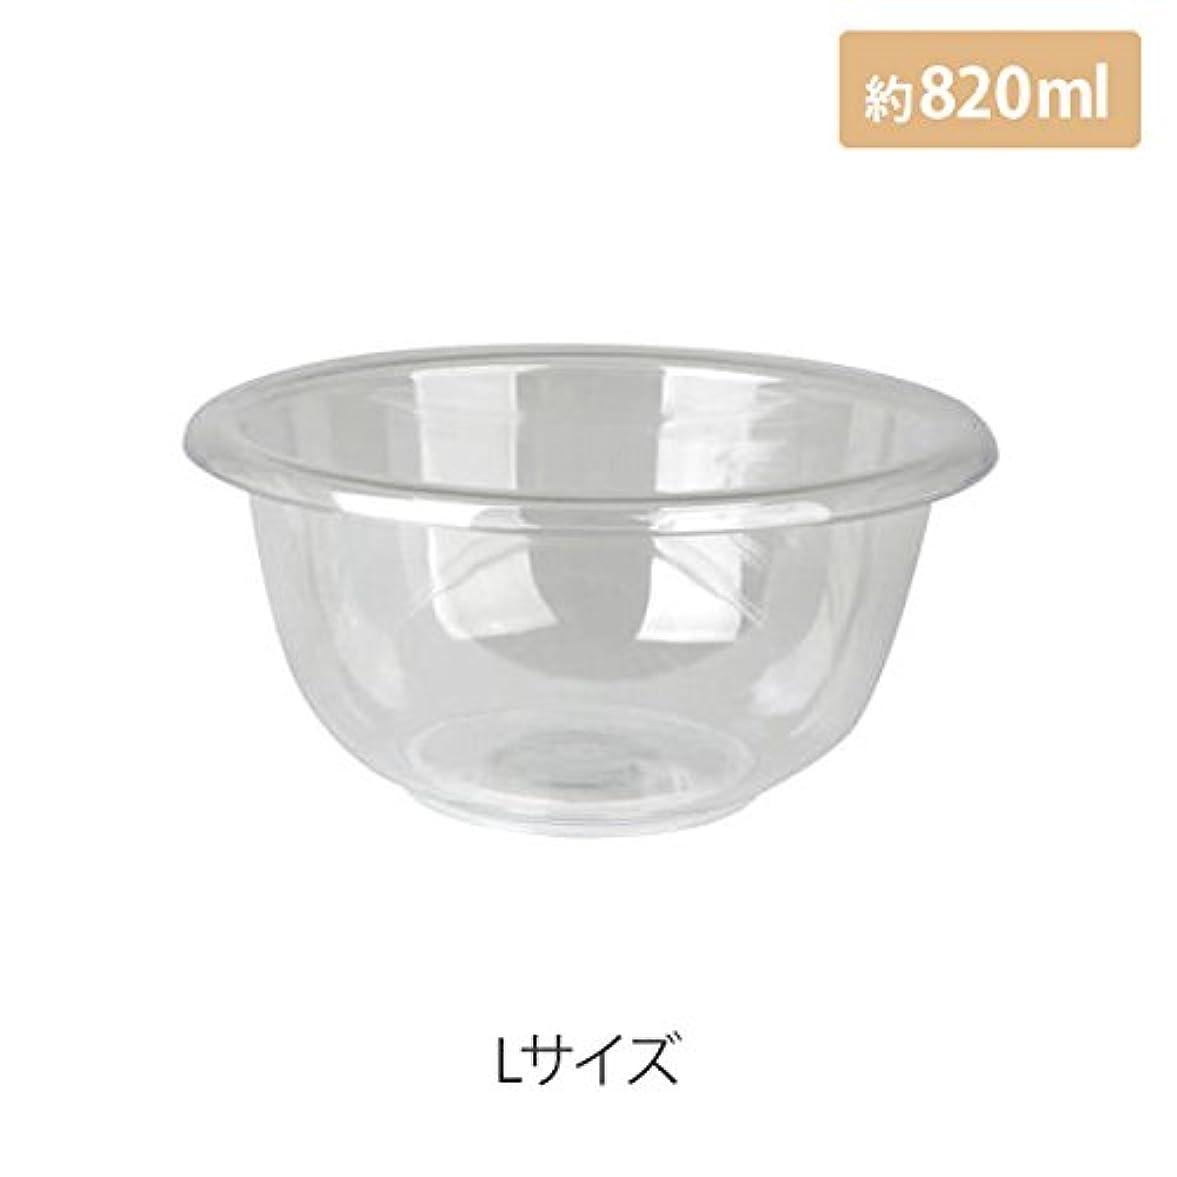 戦闘微視的を除くマイスター プラスティックボウル (Lサイズ) クリア 直径19.5cm [ プラスチックボール カップボウル カップボール エステ サロン プラスチック ボウル カップ 割れない ]